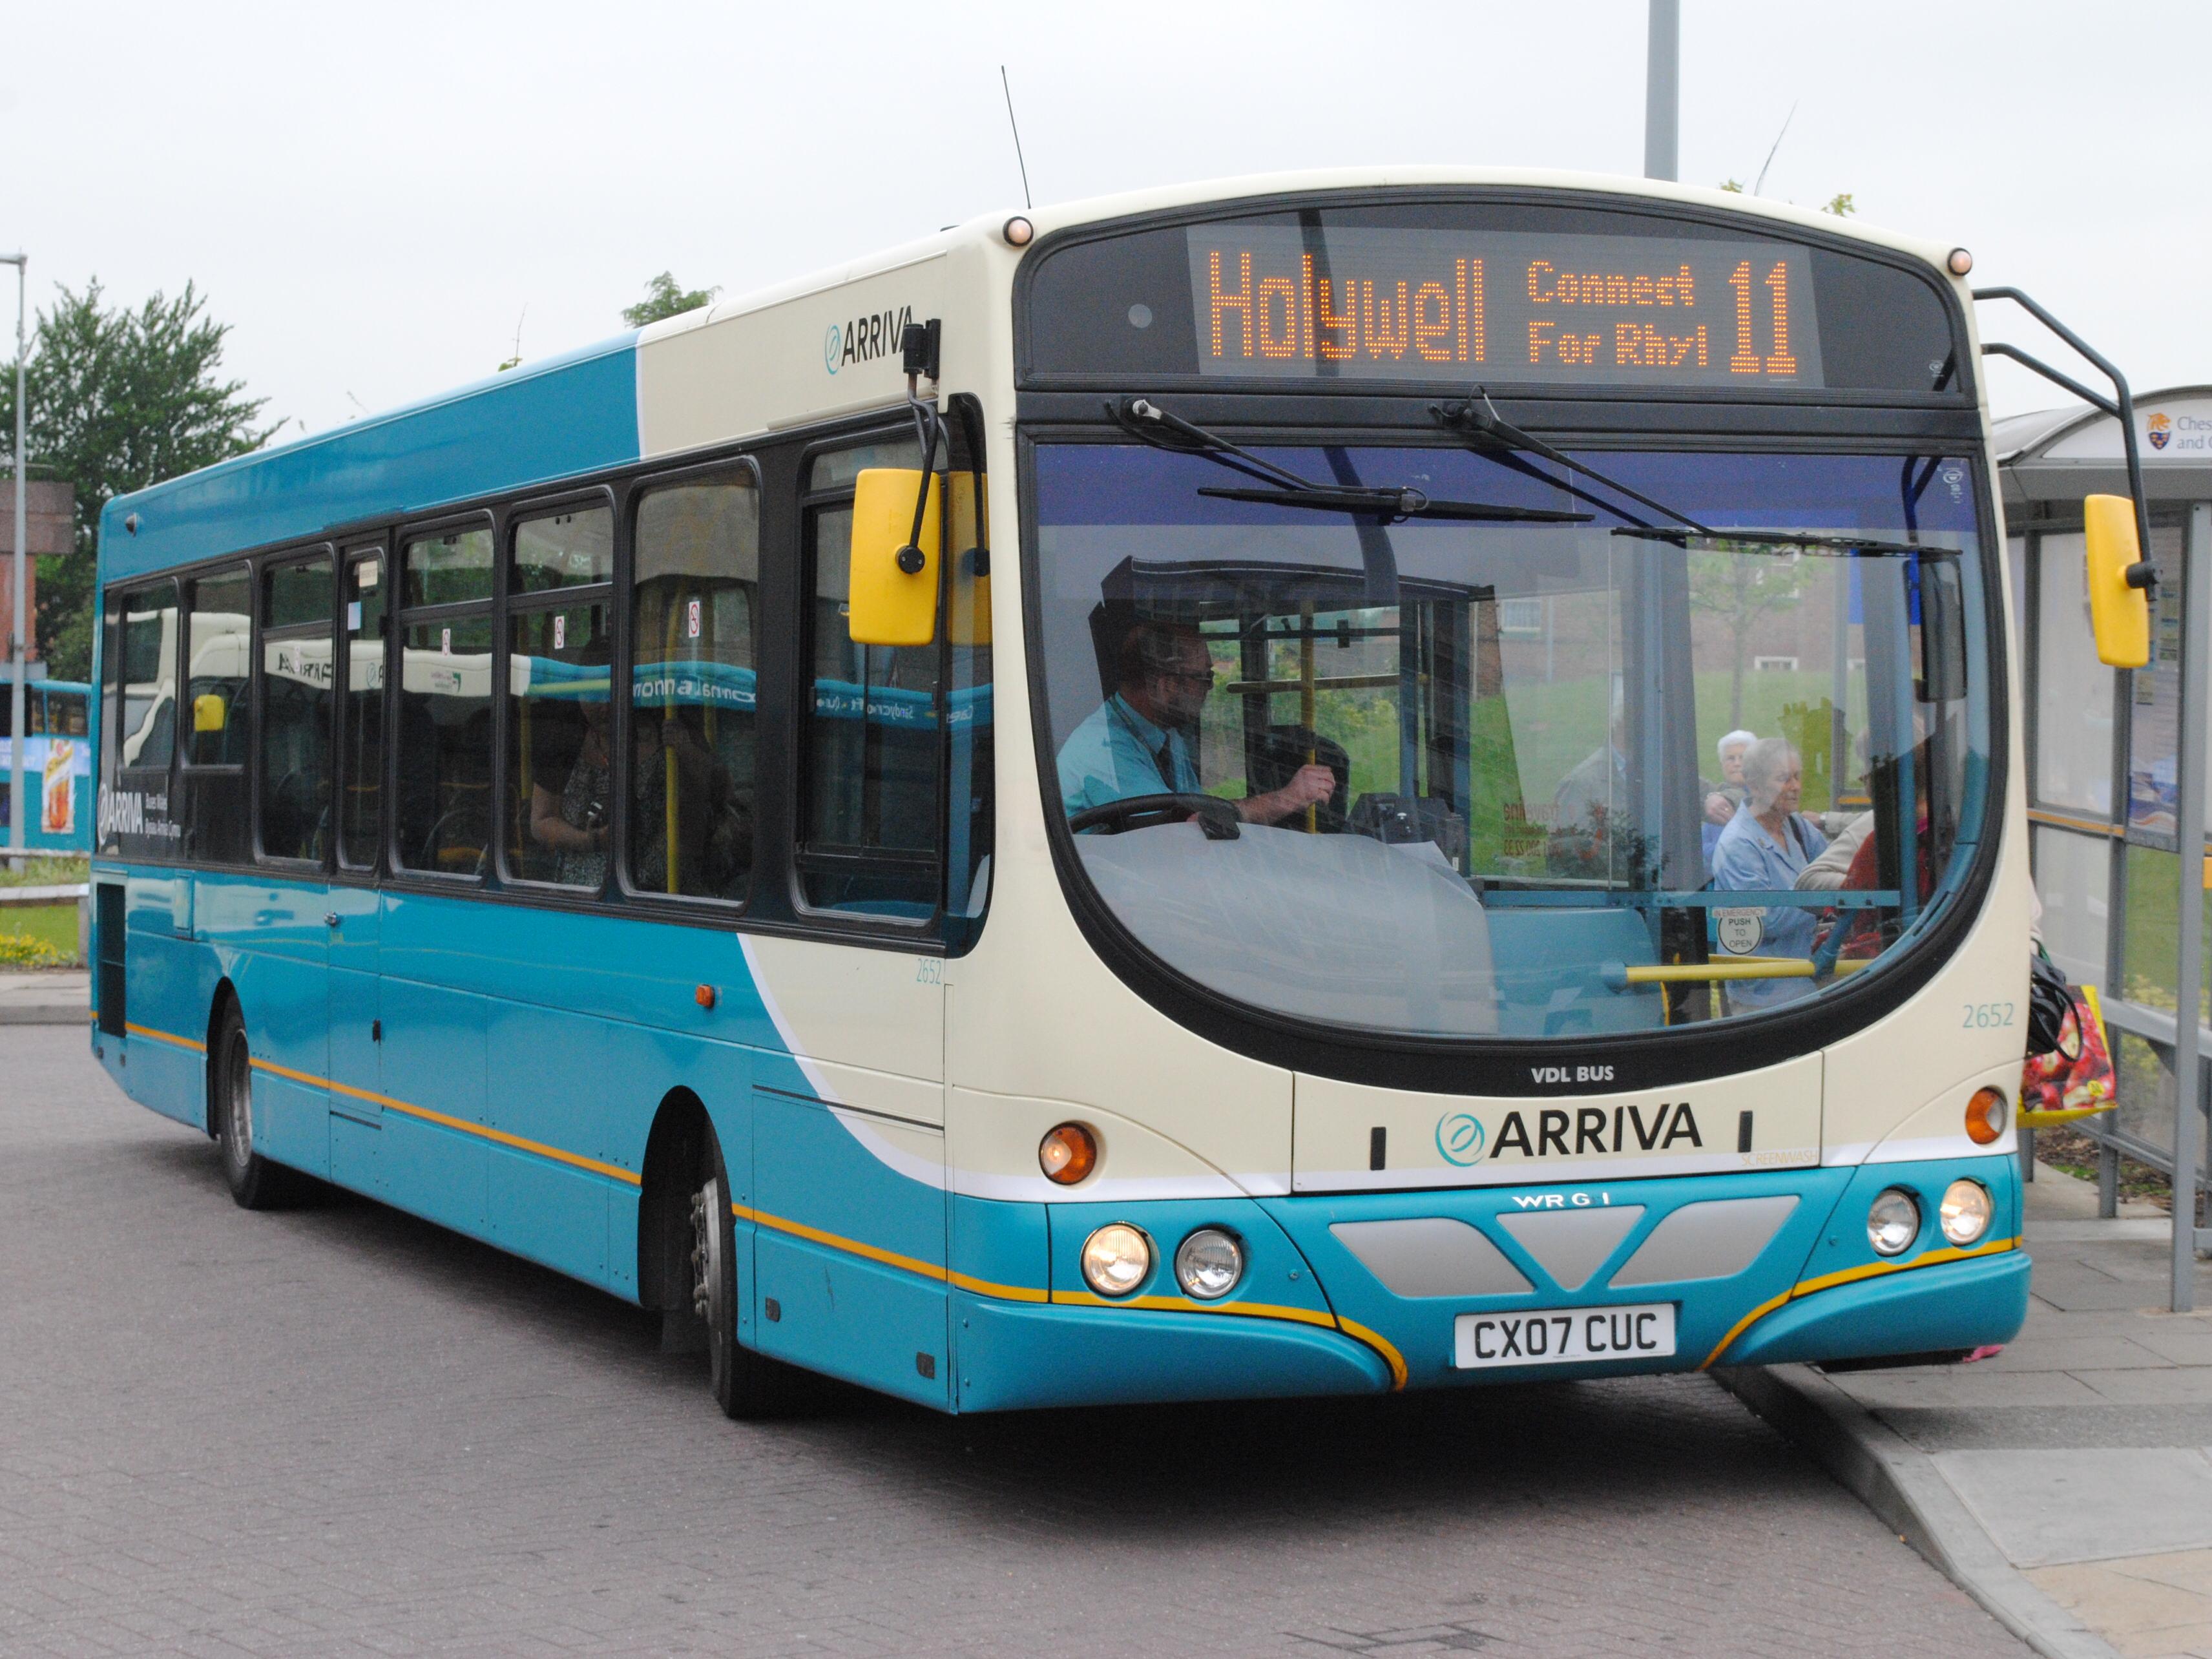 File:Arriva Buses Wales Cymru 2652 CX07CUC (8989347694).jpg